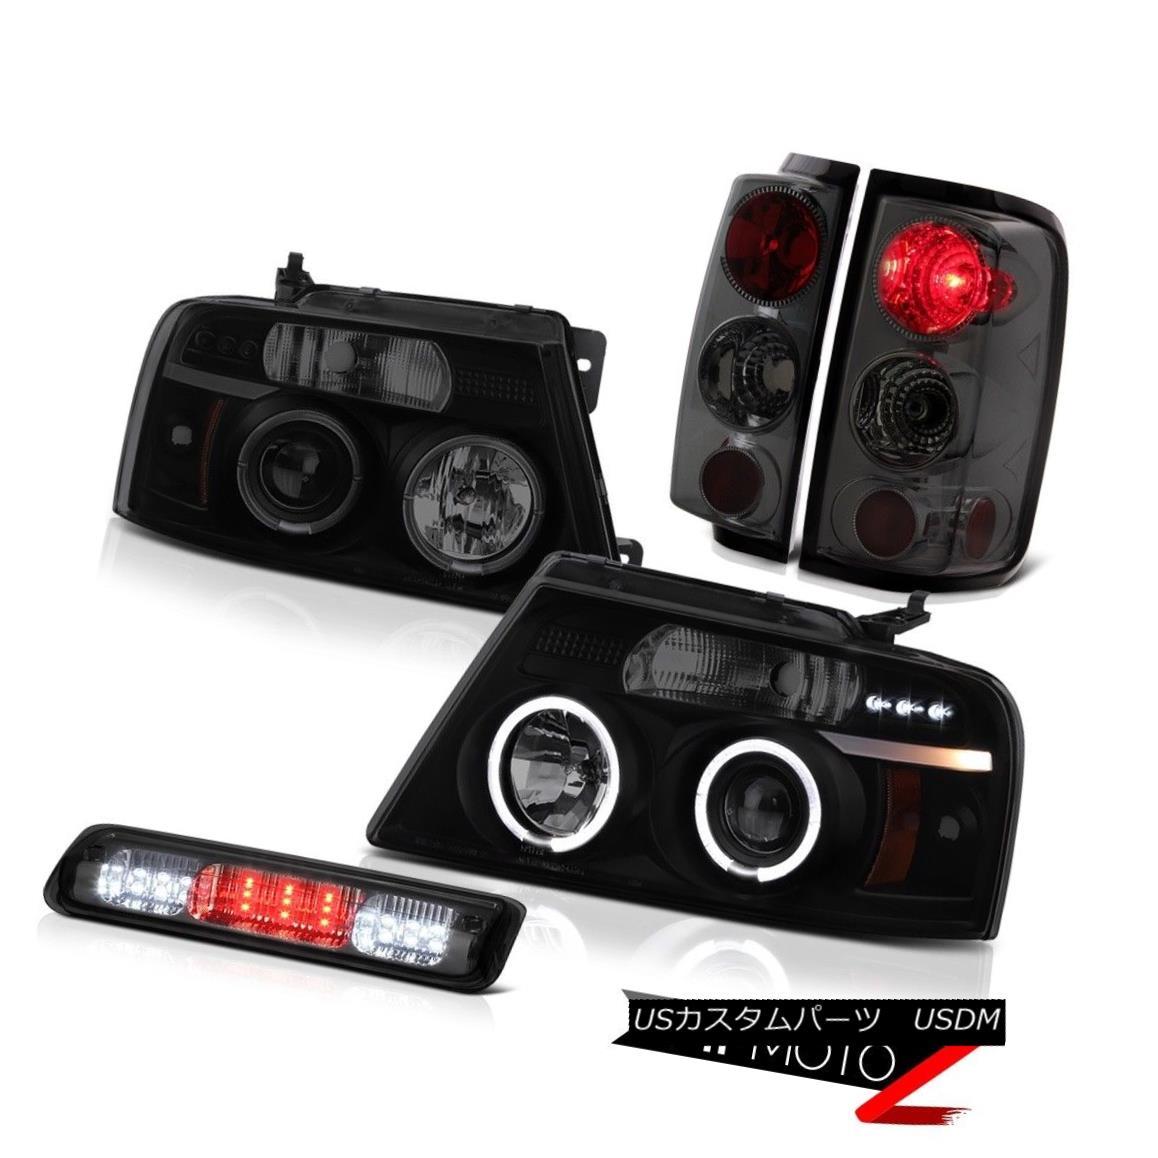 ヘッドライト 04-08 Ford F150 STX Third Brake Light Headlights Tail Lamps Halo Ring Dual Halo 04-08 Ford F150 STXサードブレーキライトヘッドライトテールランプHalo Ring Dual Halo